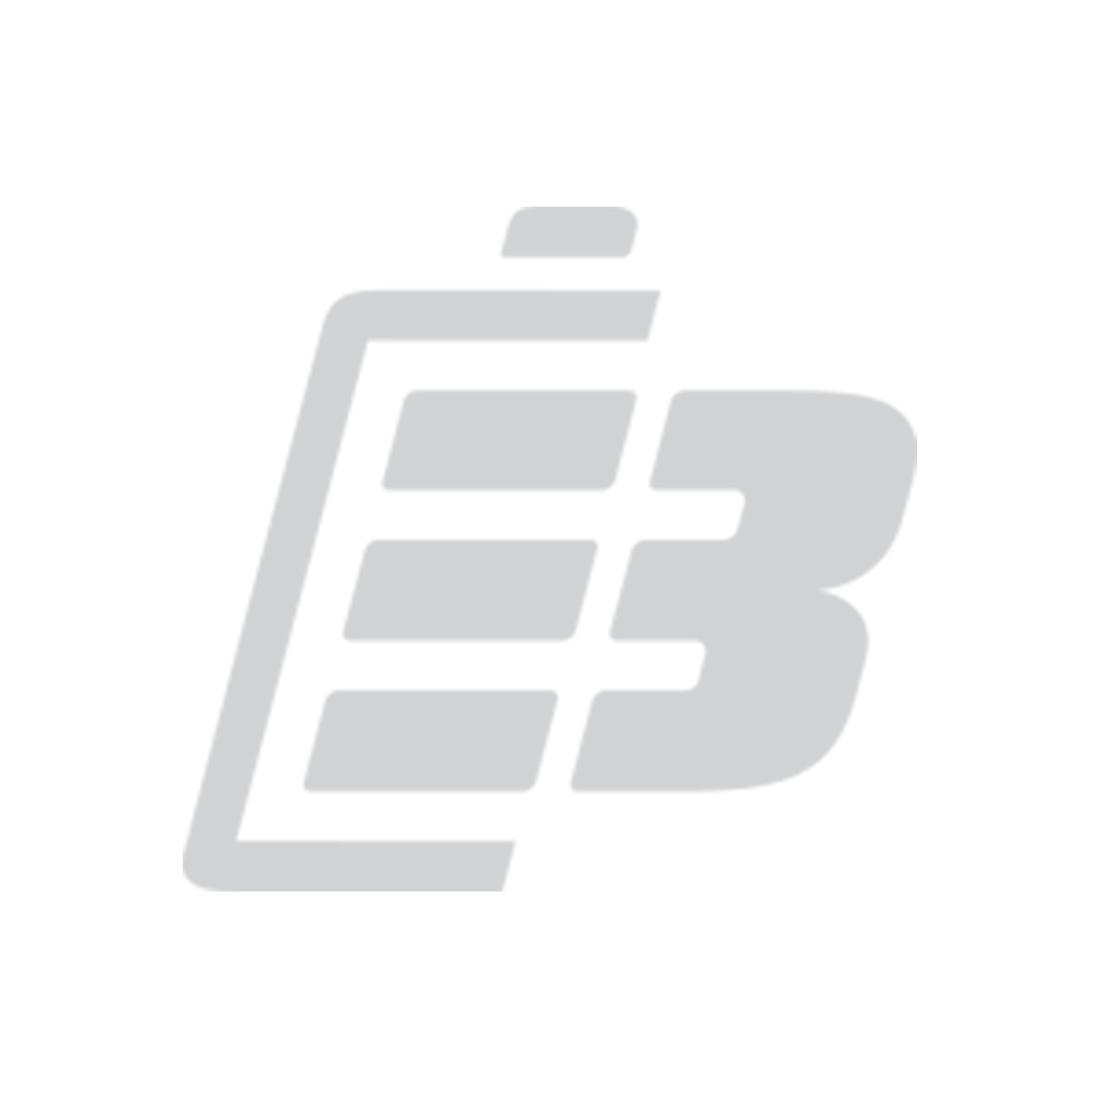 Μπαταρία GPS Mitac Mio C320_1